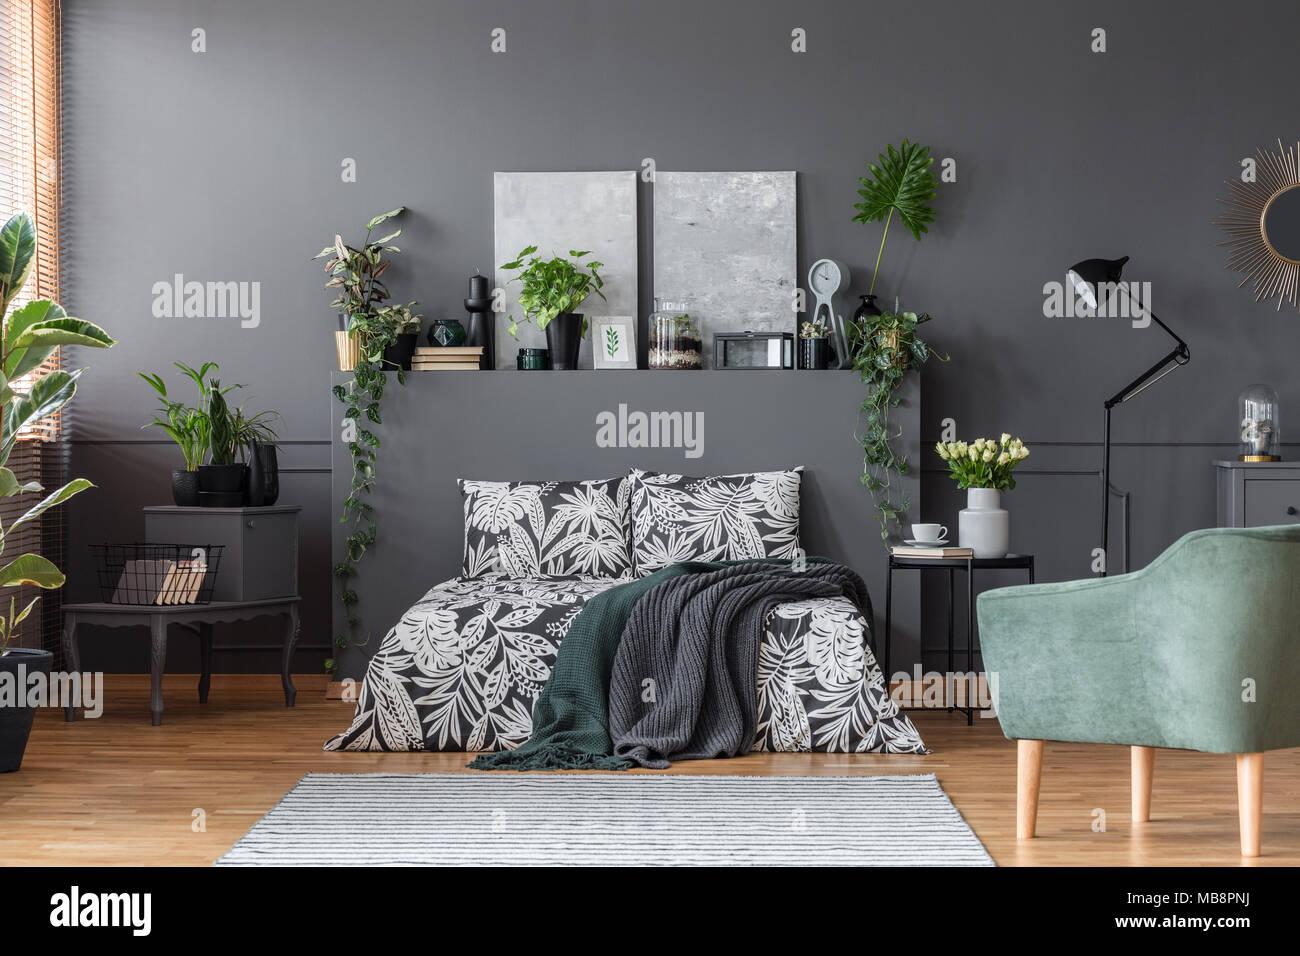 Frische grüne Pflanzen in Dunkelgrau Schlafzimmer Einrichtung mit modernen Gemälden, Dekor und Teppich platziert Stockbild